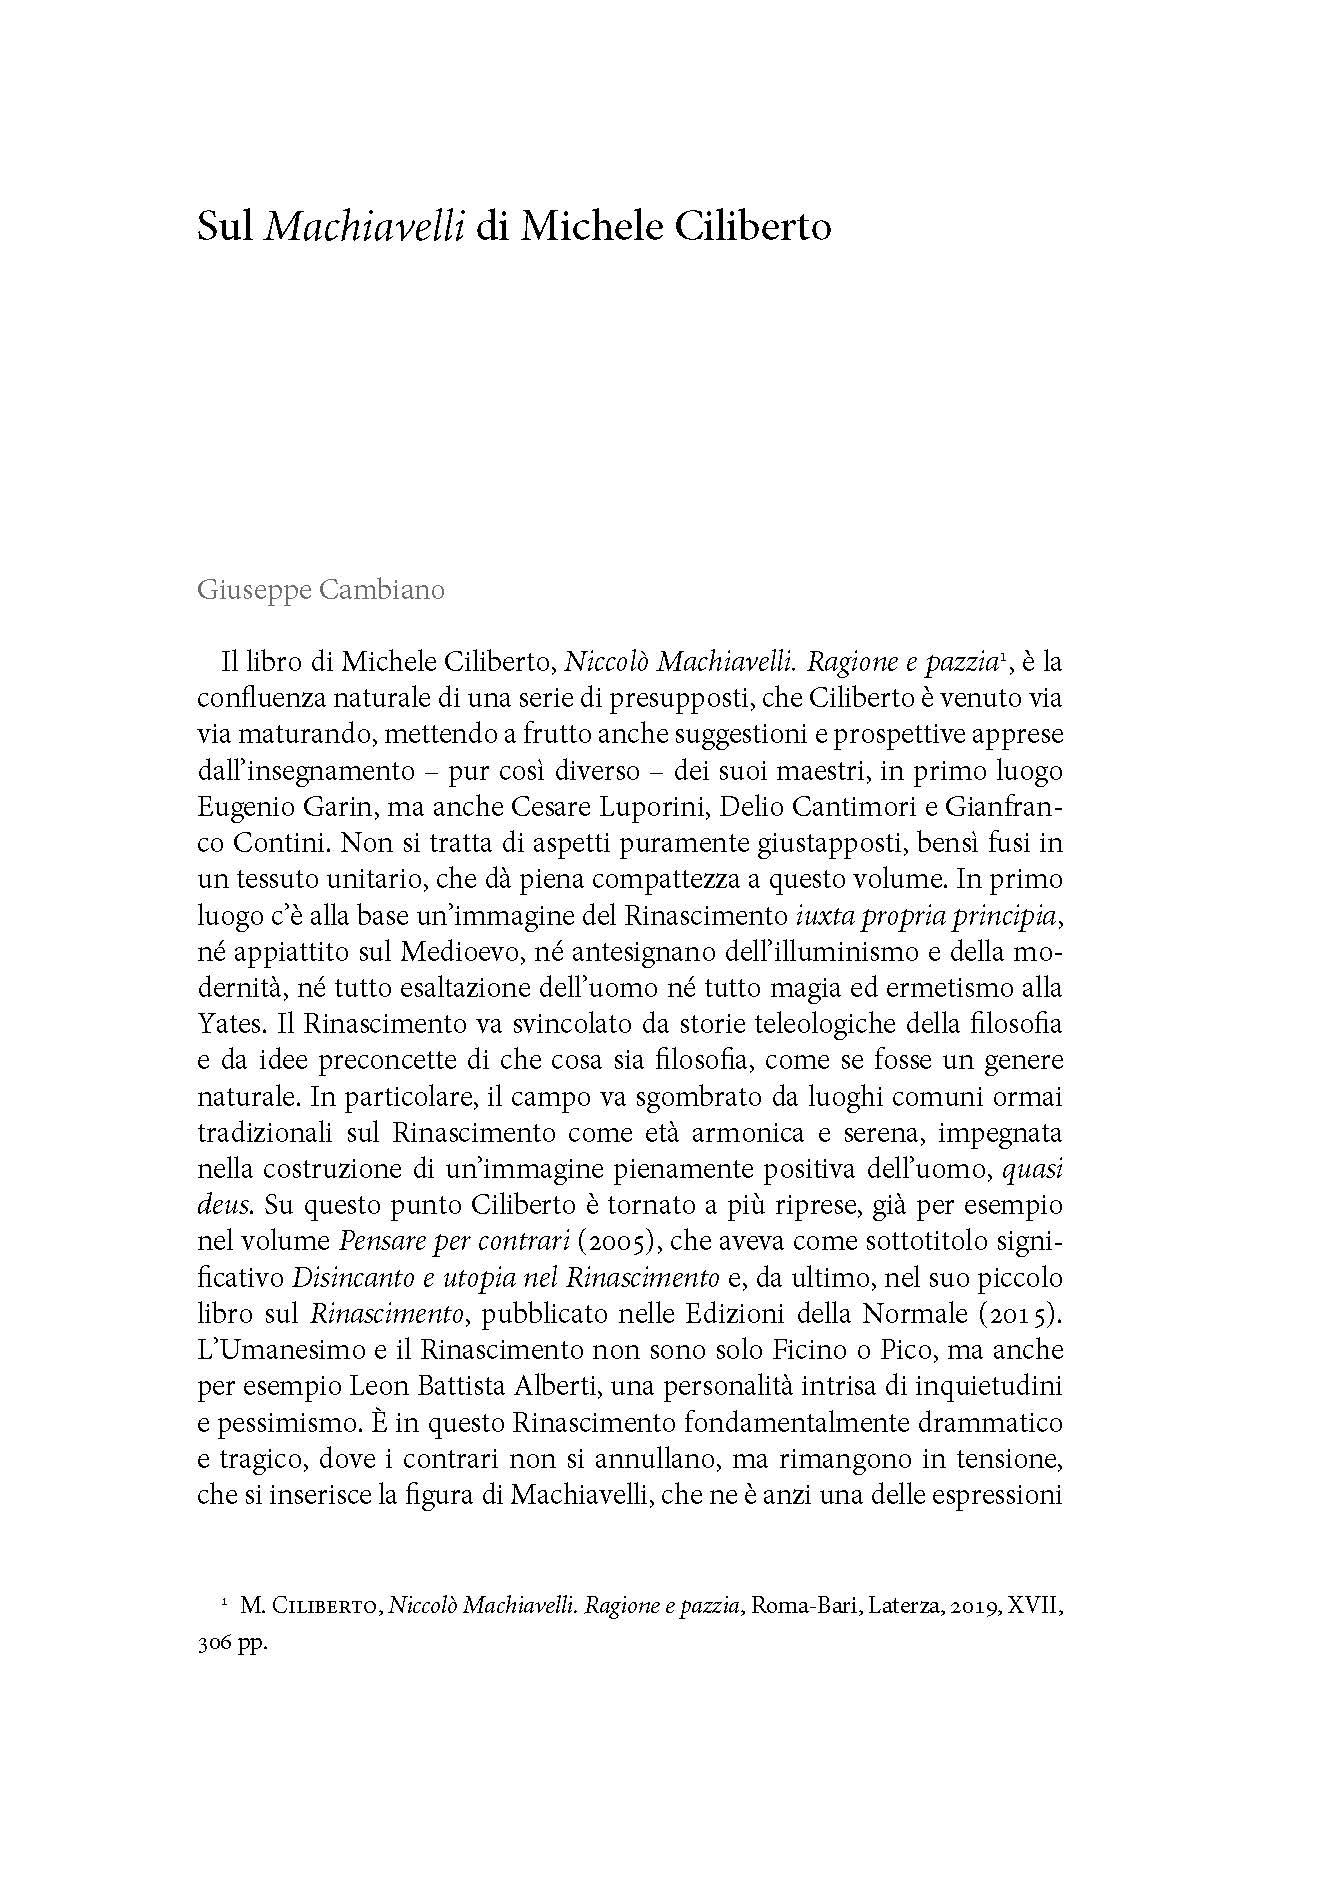 Sul Machiavelli di Michele Ciliberto